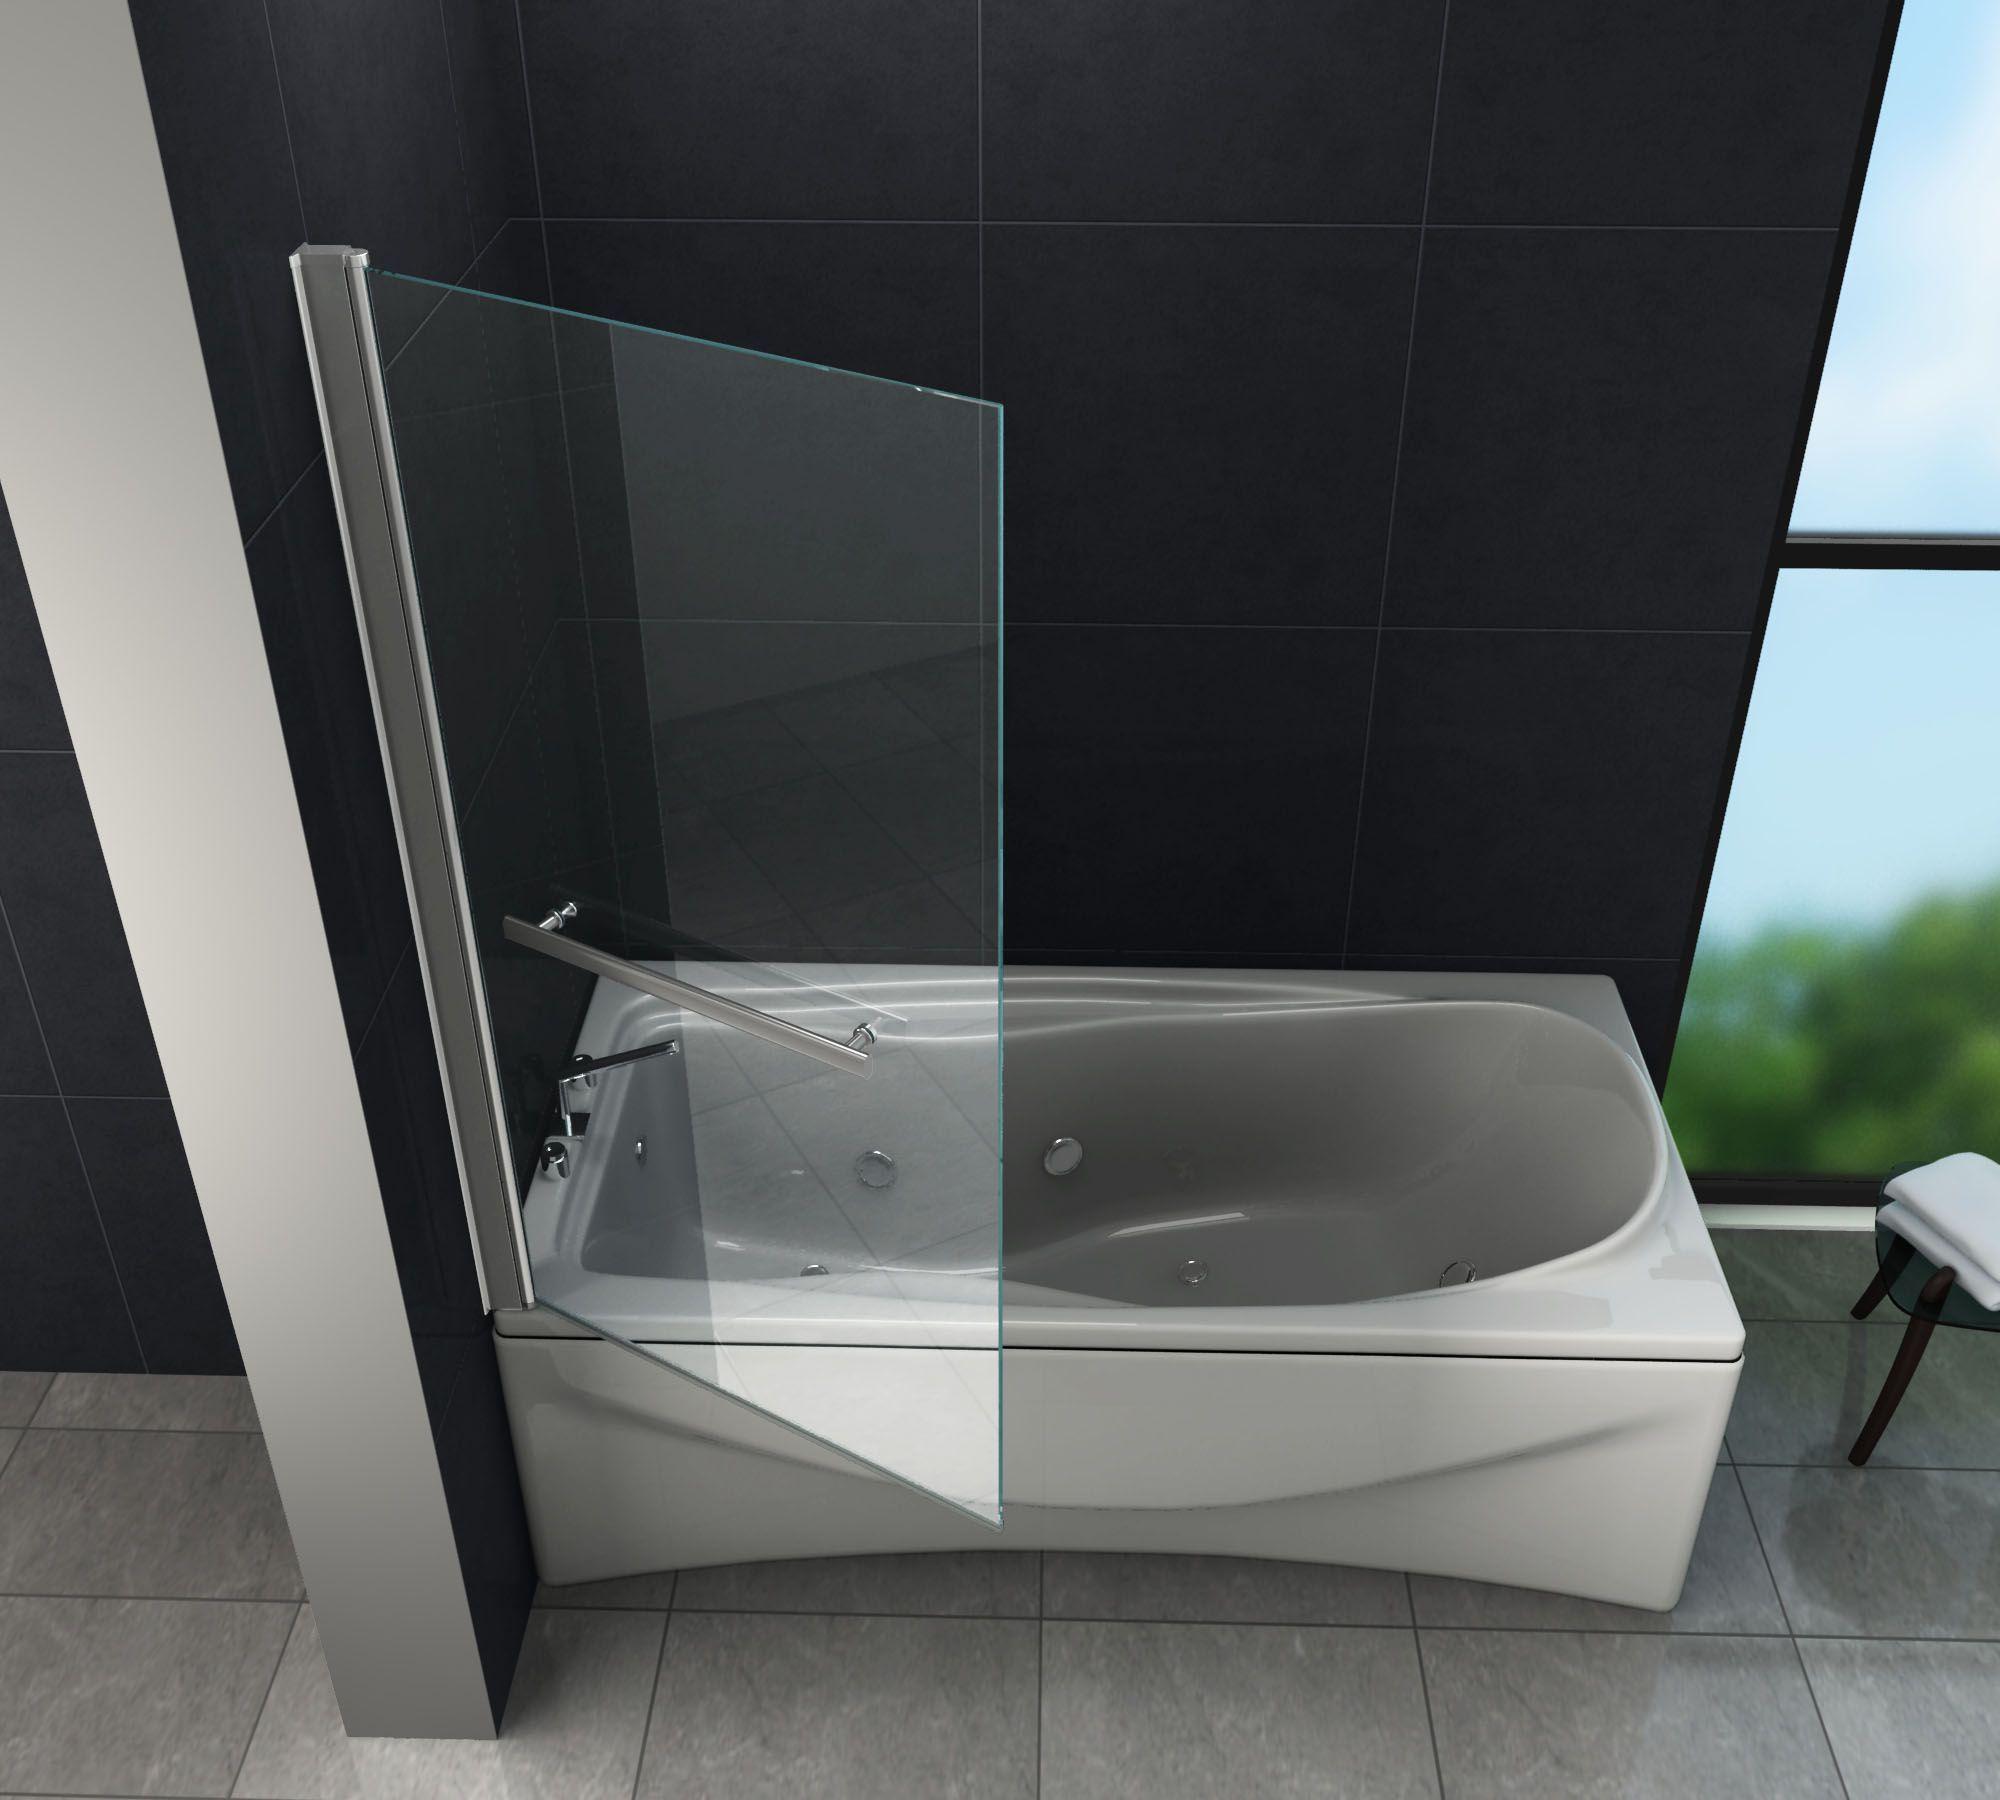 Unsere Duschabtrennung Quodo Damit Wird Das Duschen In Der Badewanne Ganz Einfach Glasdeals G Dusche Badewanne Badezimmer Design